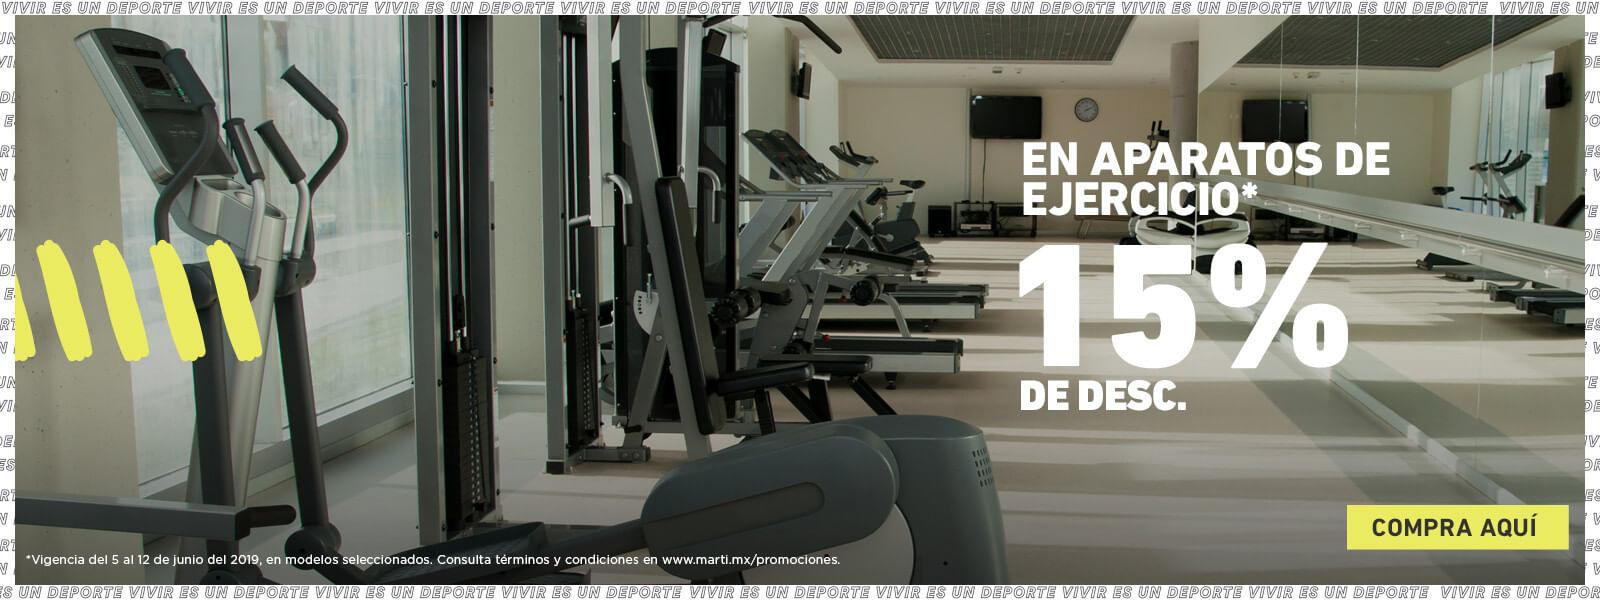 167c27f1b Martí® - Tienda Deportiva en Línea | Ropa, Accesorios y Equipamiento